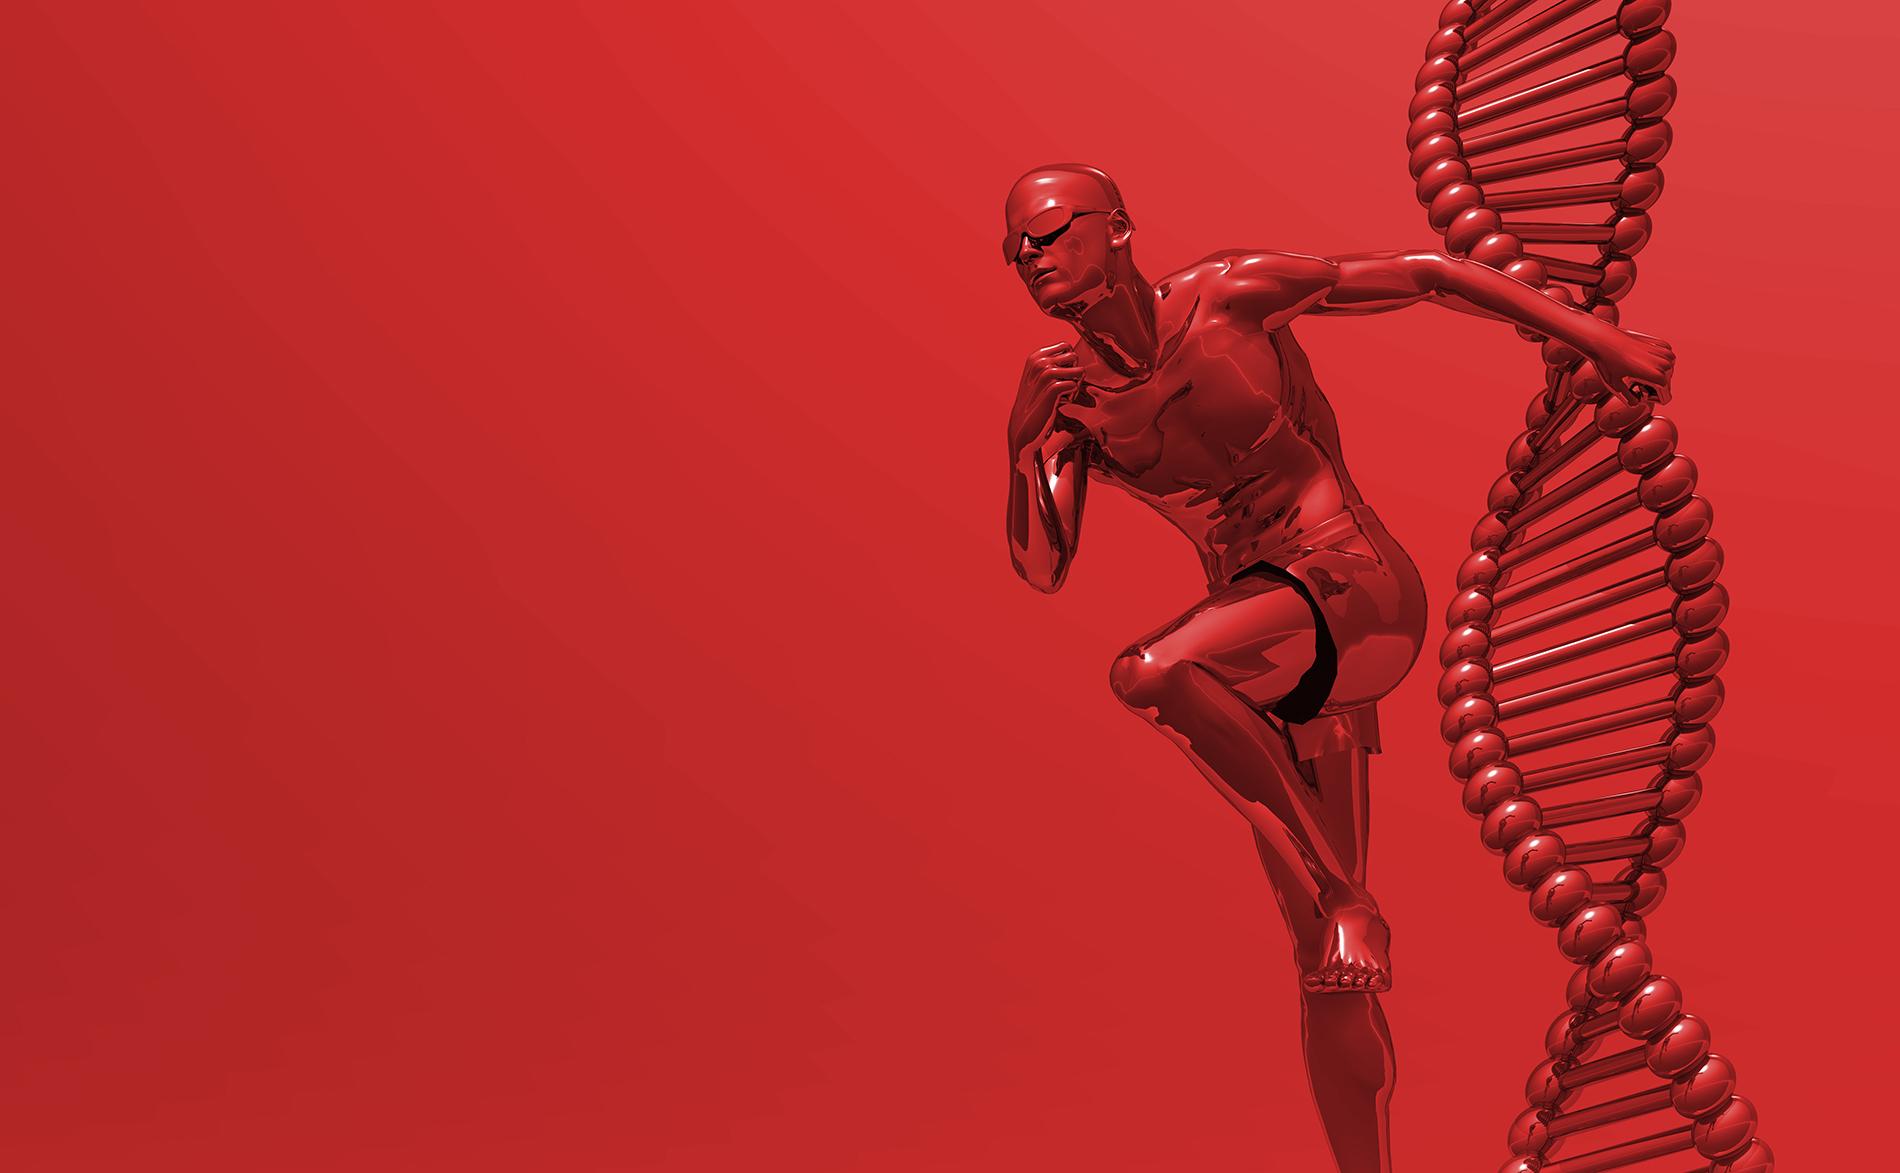 La manipolazione genica avrà un impatto più significativo nel trattamento delle malattie piuttosto che nel potenziamento delle capacità atletiche